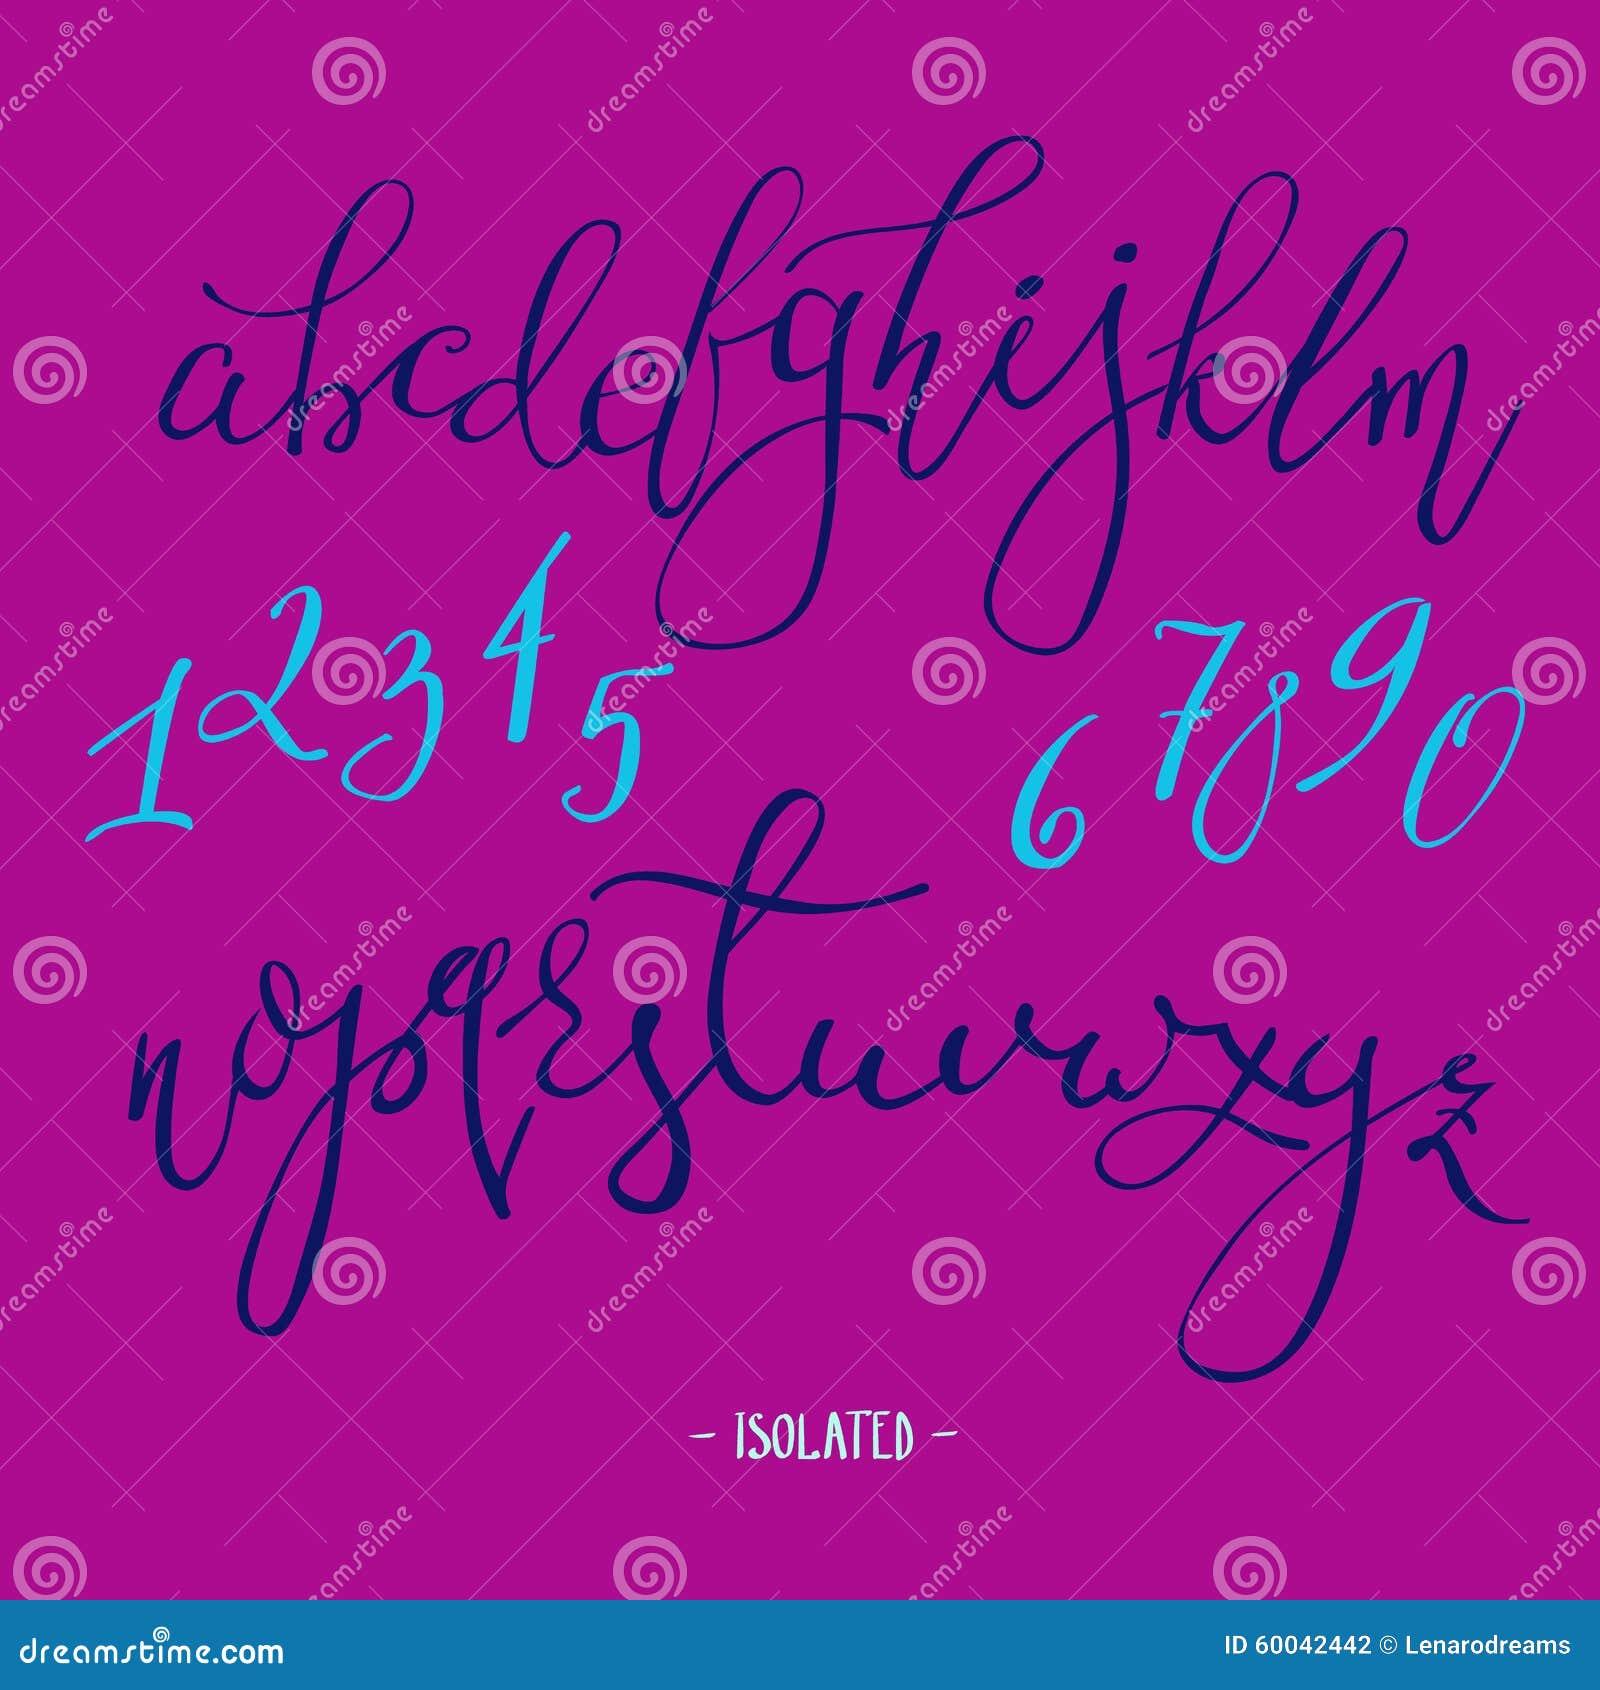 Vector handwritten fountain pen font stock illustration